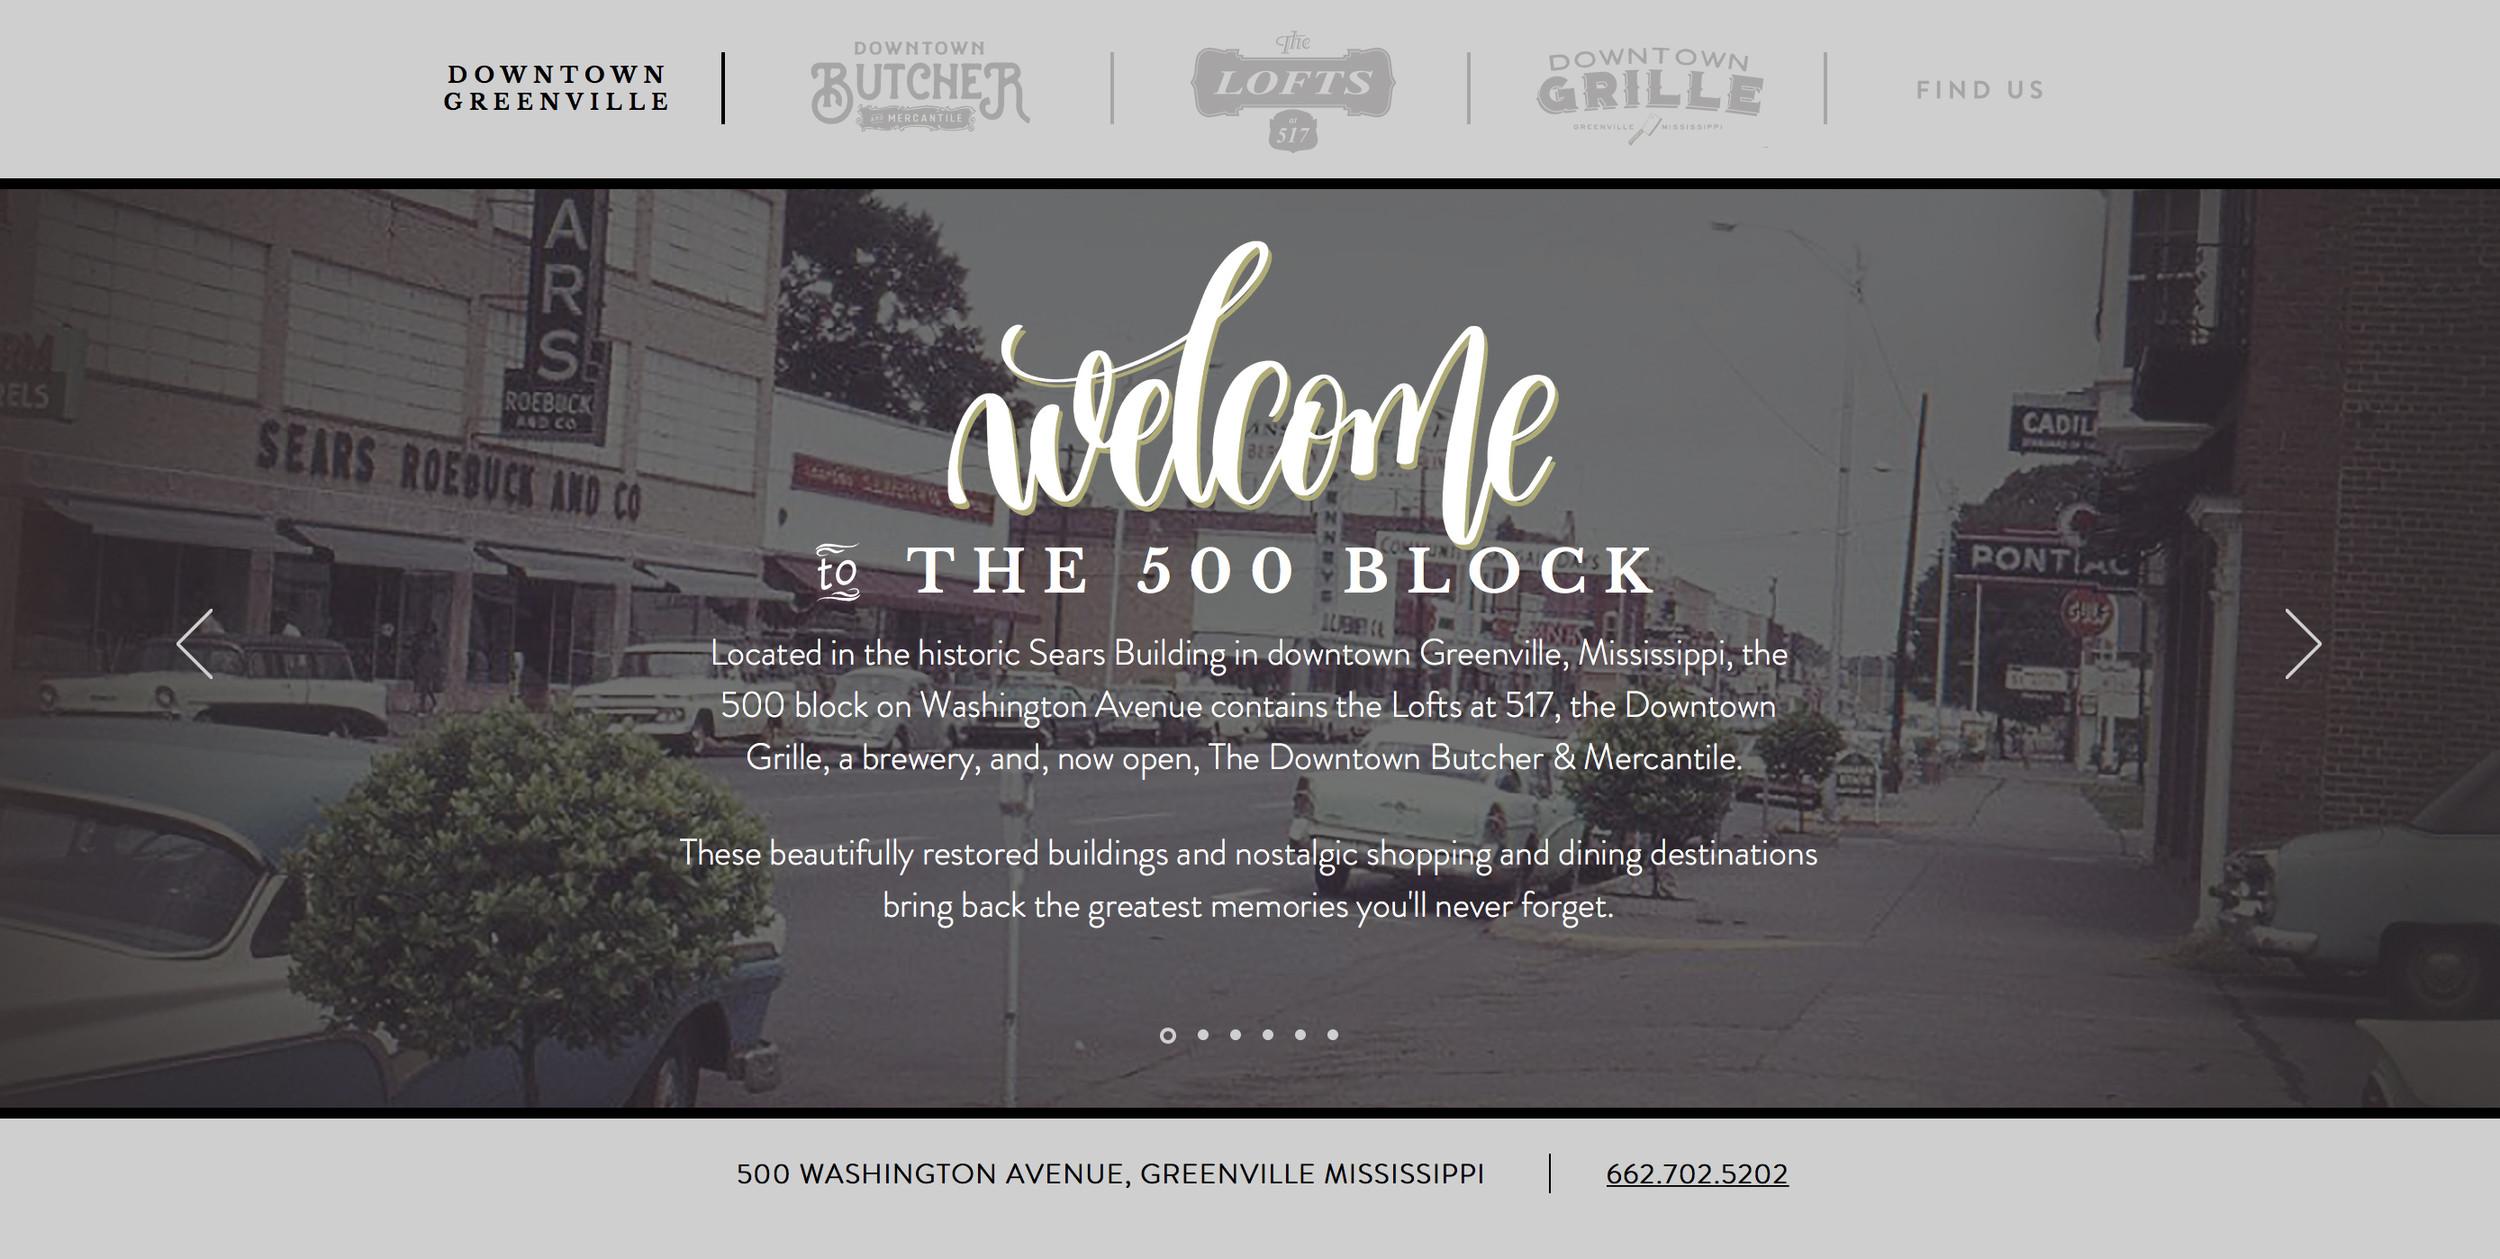 500 Block Downtowngreenvillems